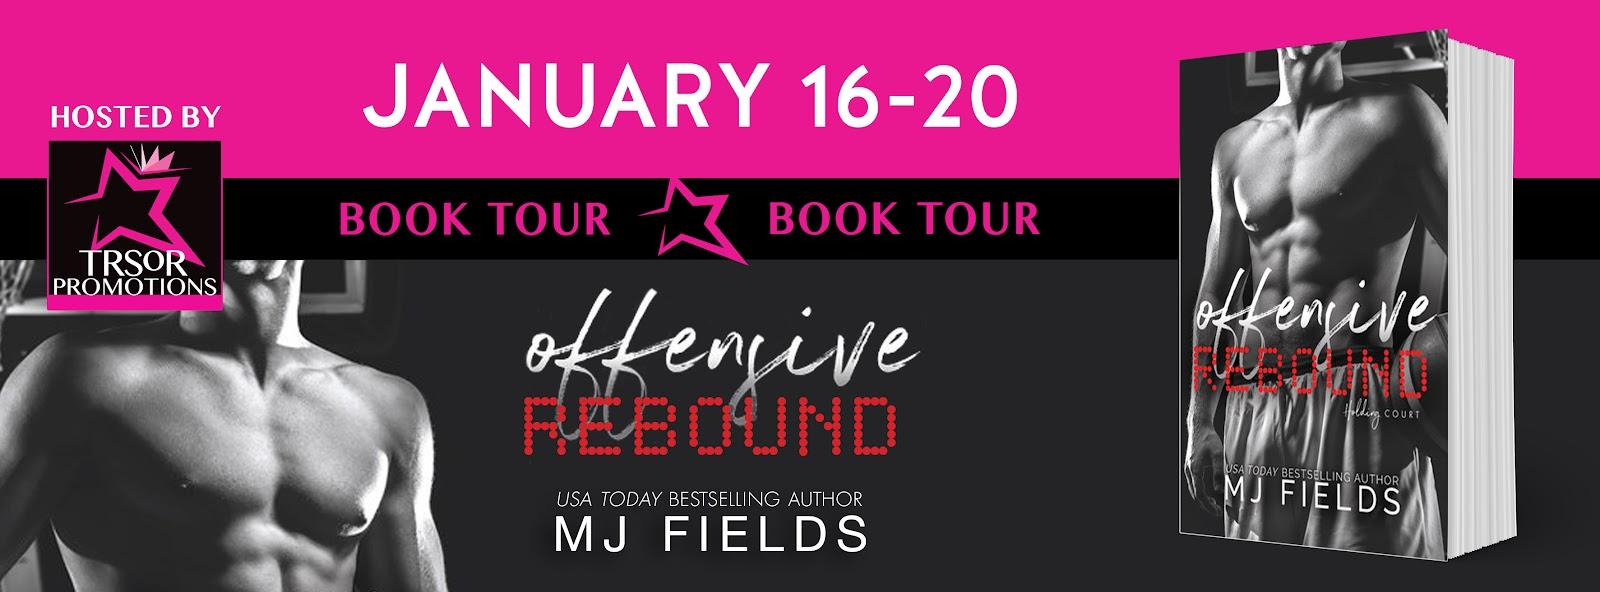 OFFENSIVE_REBOUND_BOOK_TOUR.jpg